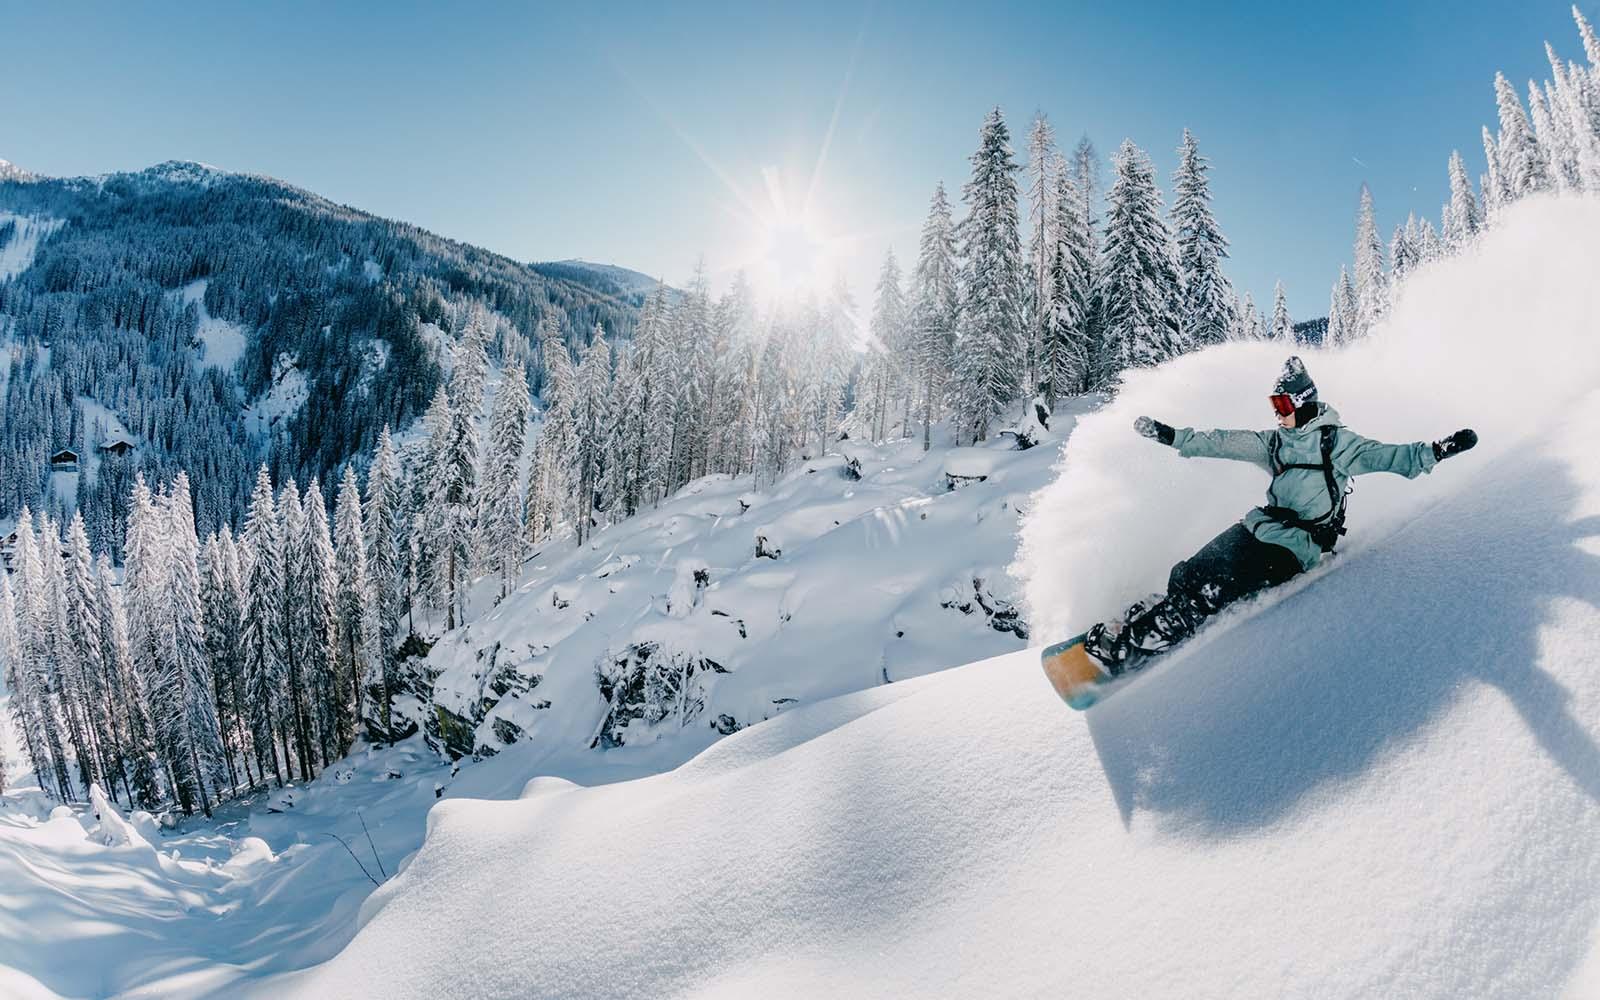 Nitro Snowboards Powder Traum